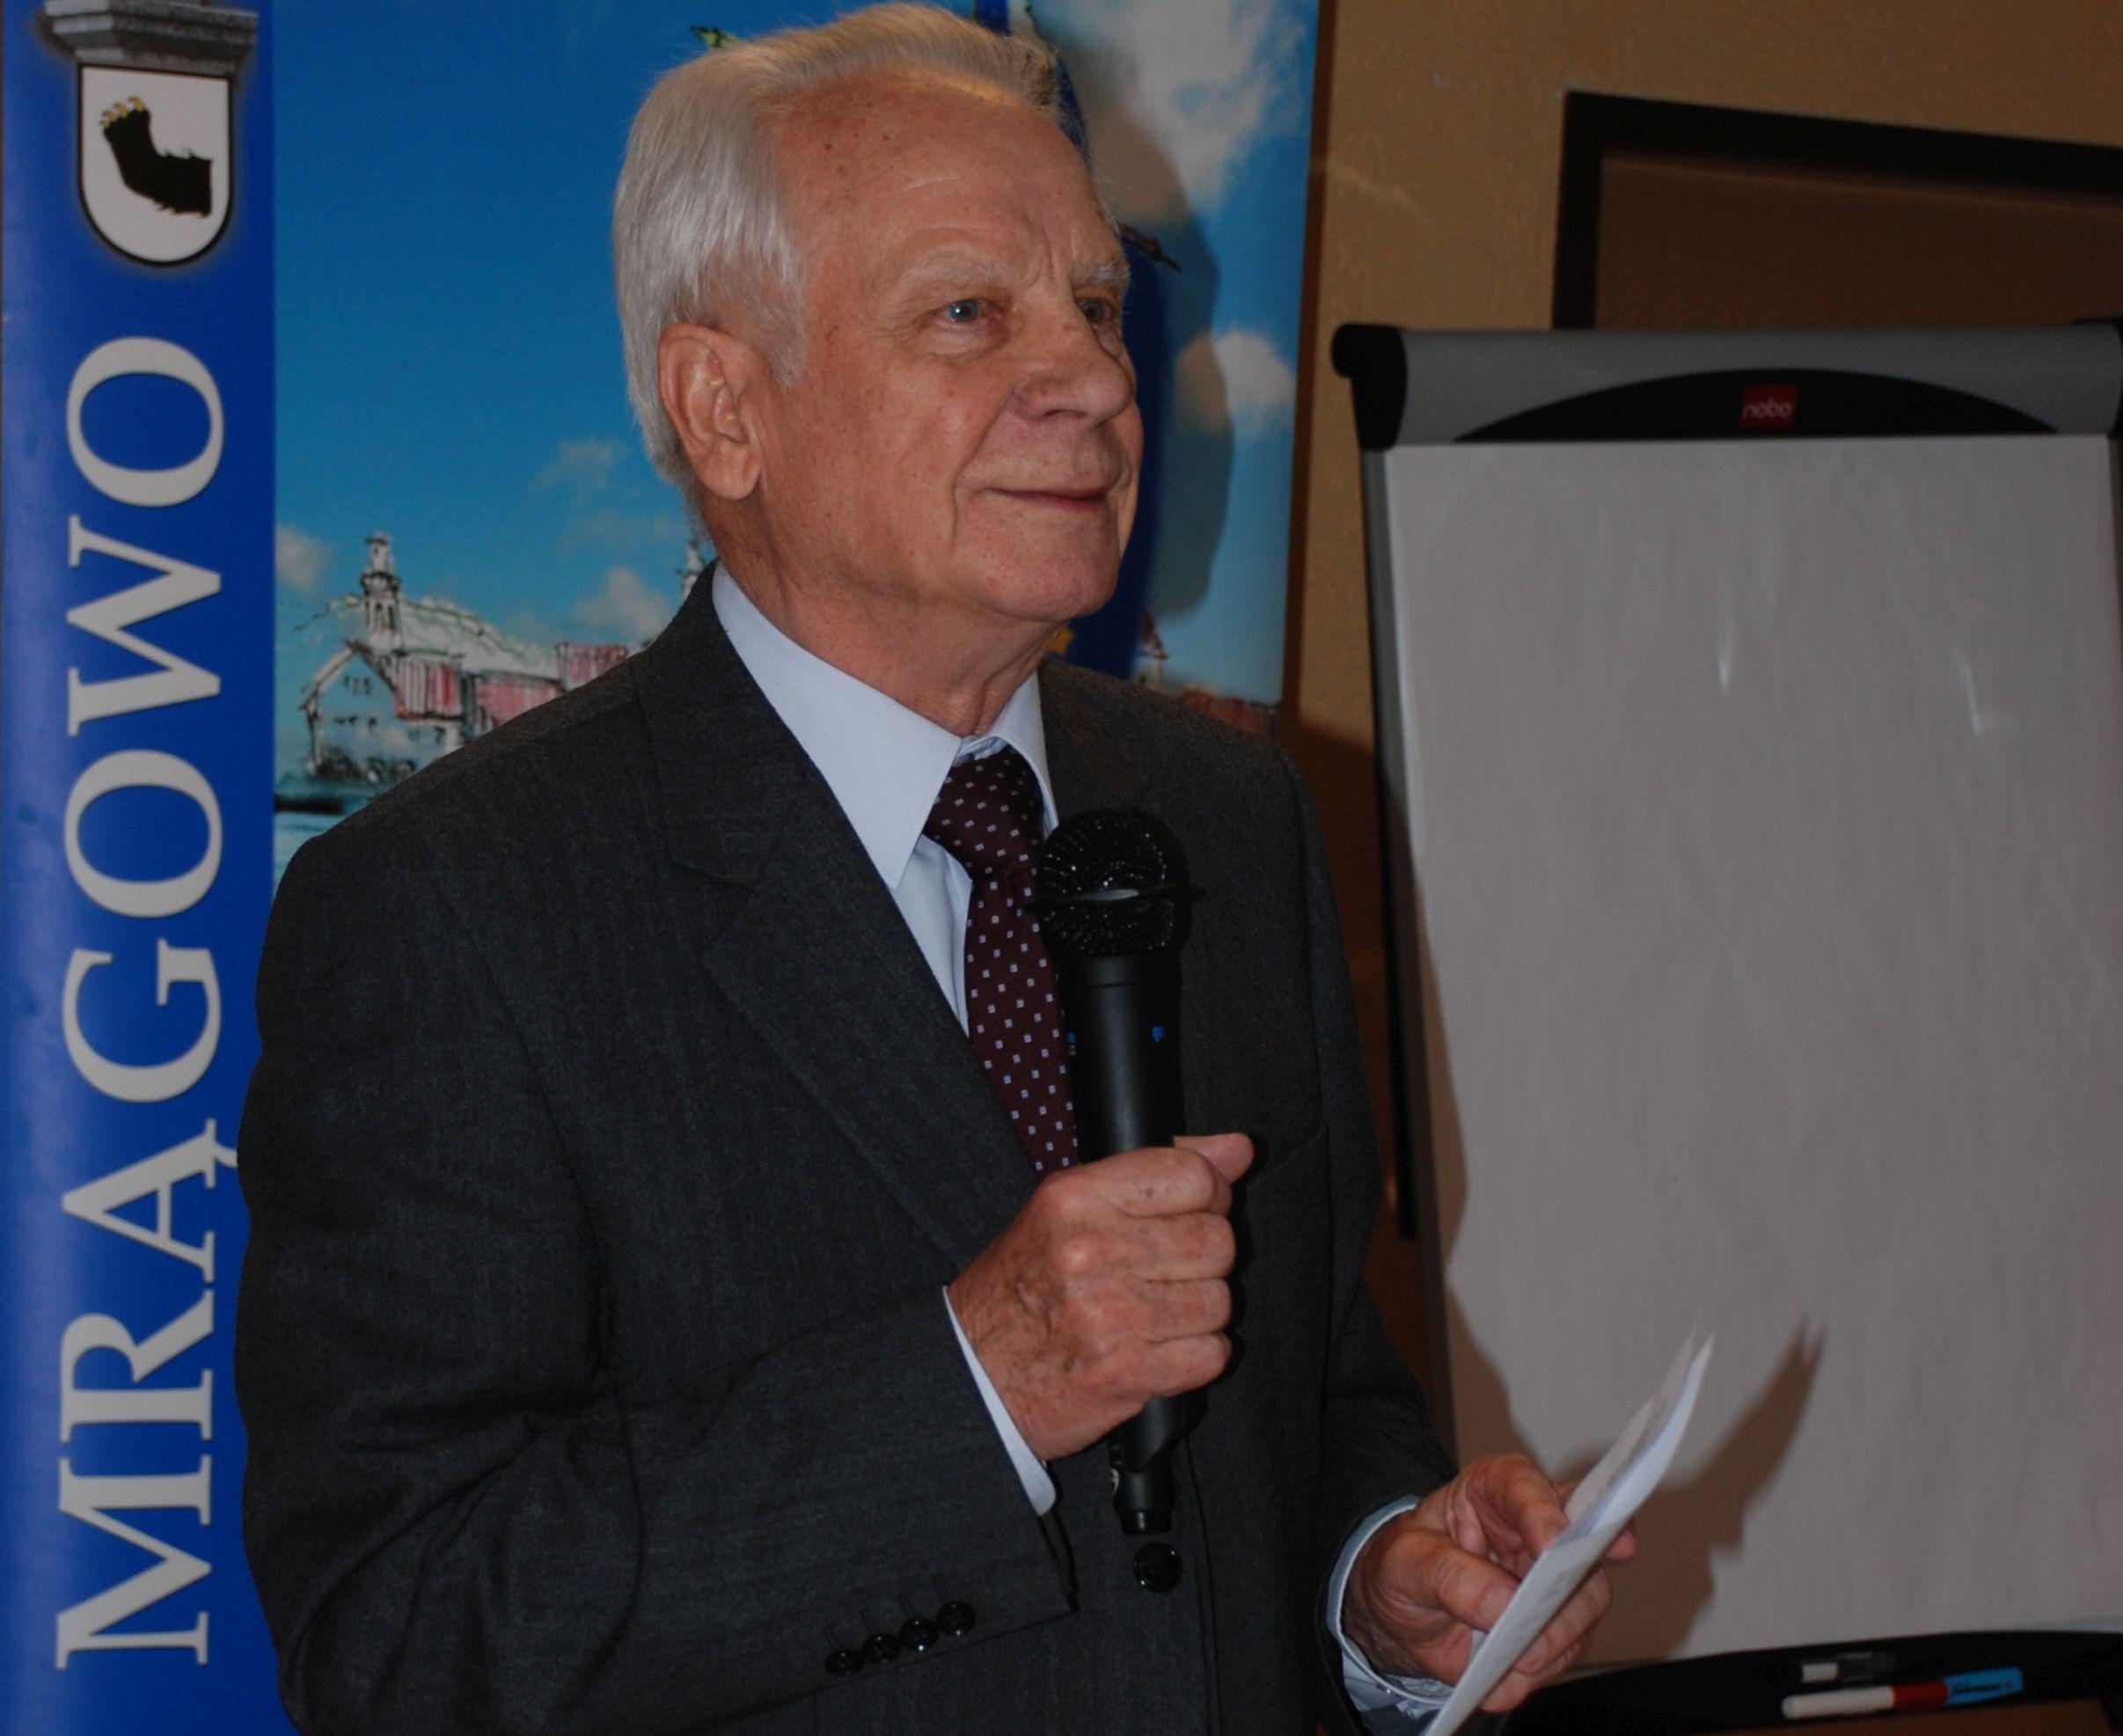 Tadeusz Willan bei einem Seminar der Masurischen Gesellschaft, Foto: B. Jäger-Dabek